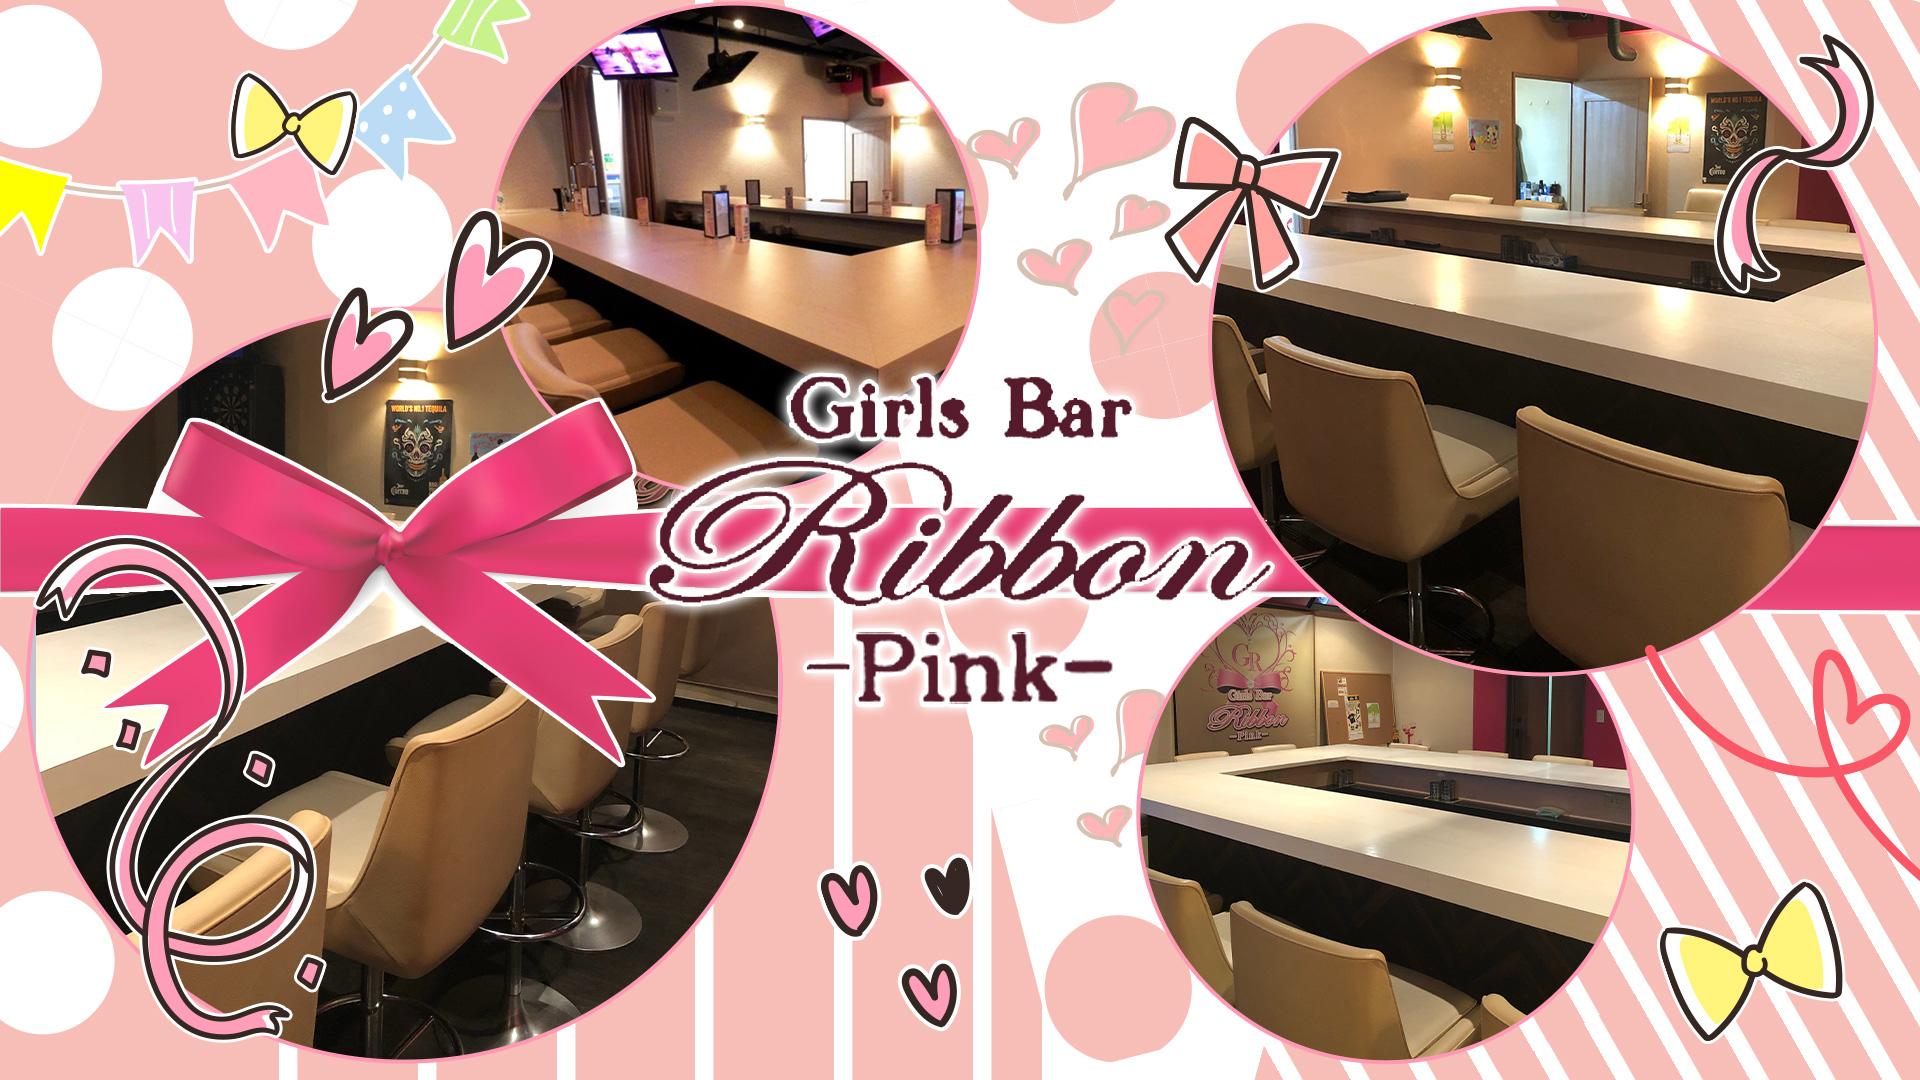 Girl's Bar Link ~ガールズバーリンク~西船橋店 西船橋 ガールズバー TOP画像